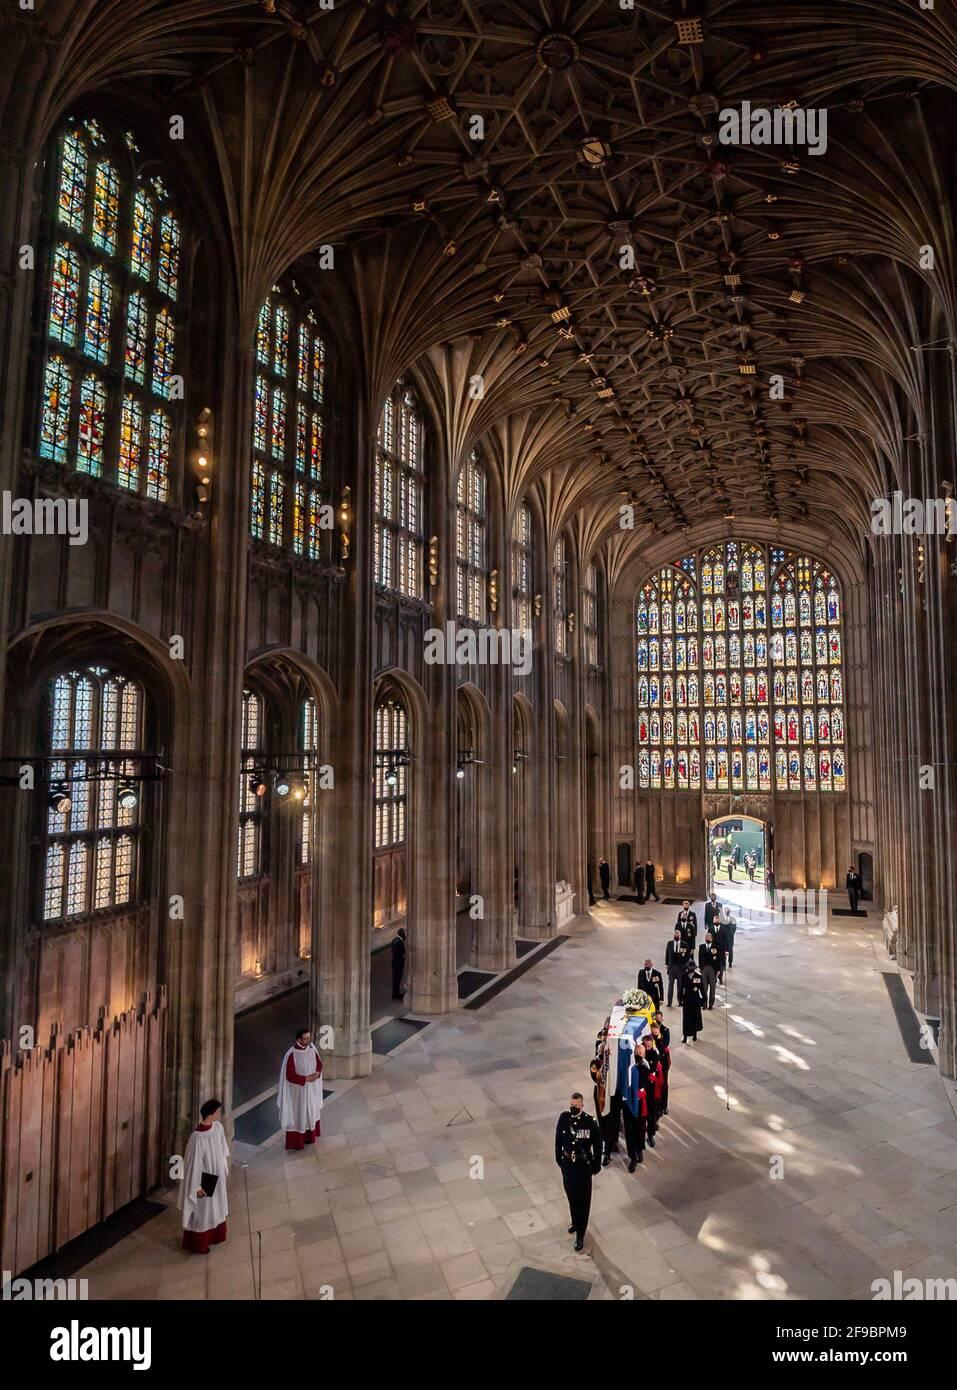 Les porteurs de Pall portant le cercueil du duc d'Édimbourg, suivis par des membres de la famille royale qui entrent dans la chapelle Saint-Georges, le château de Windsor, Berkshire. Date de la photo: Samedi 17 avril 2021. Banque D'Images